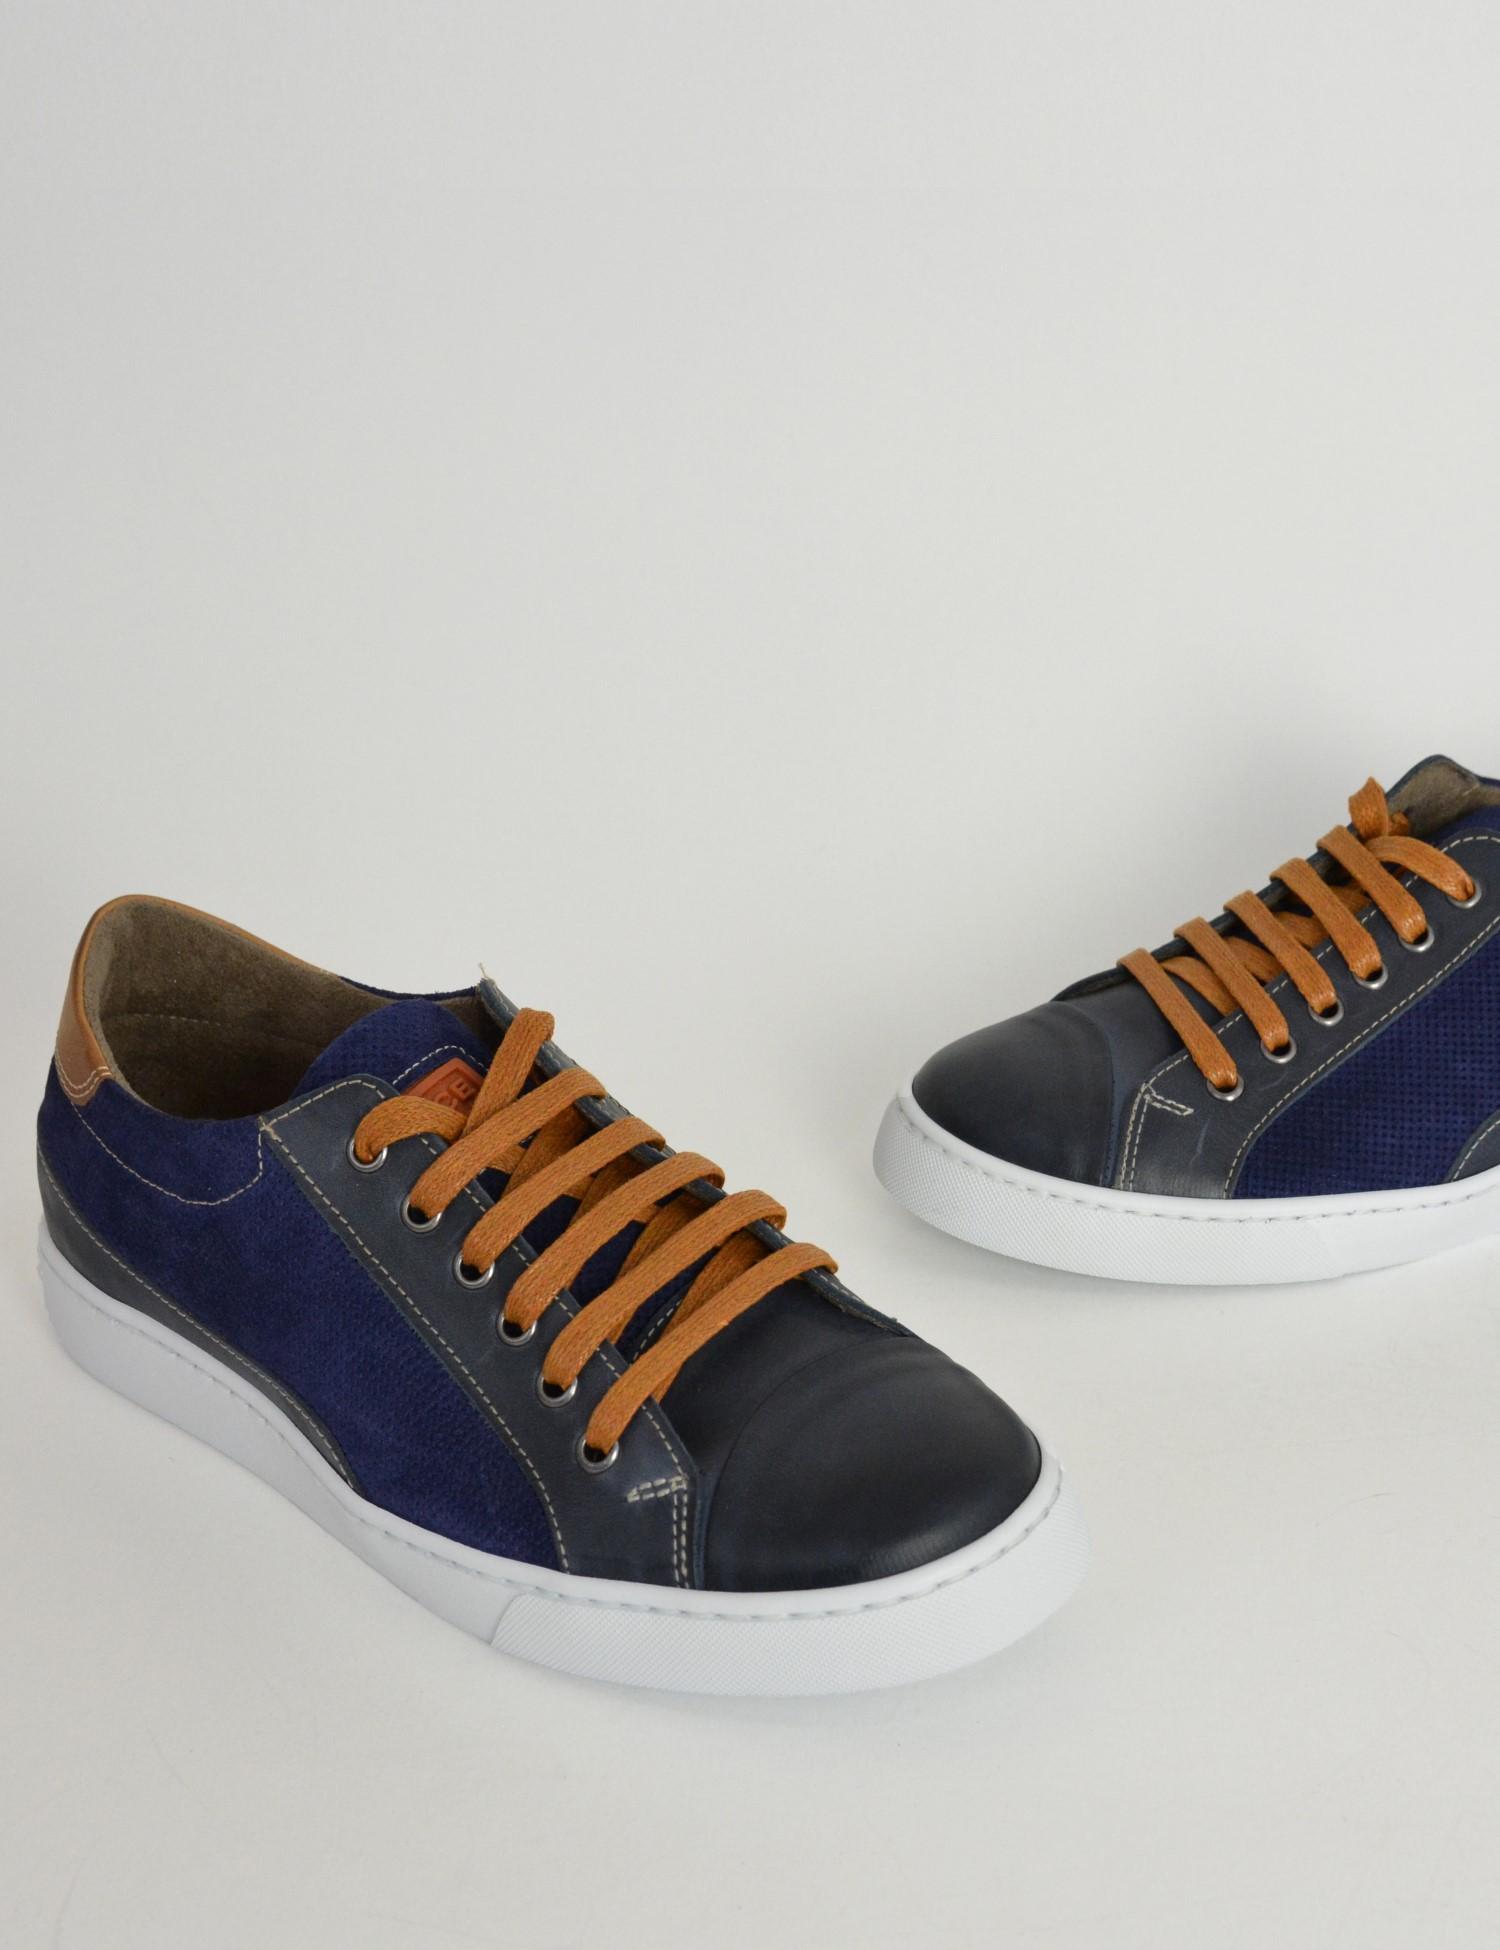 Ανδρικά δερμάτινα Sneakers Nice Step μπλε με κορδόνια 775 b677b7e6e75